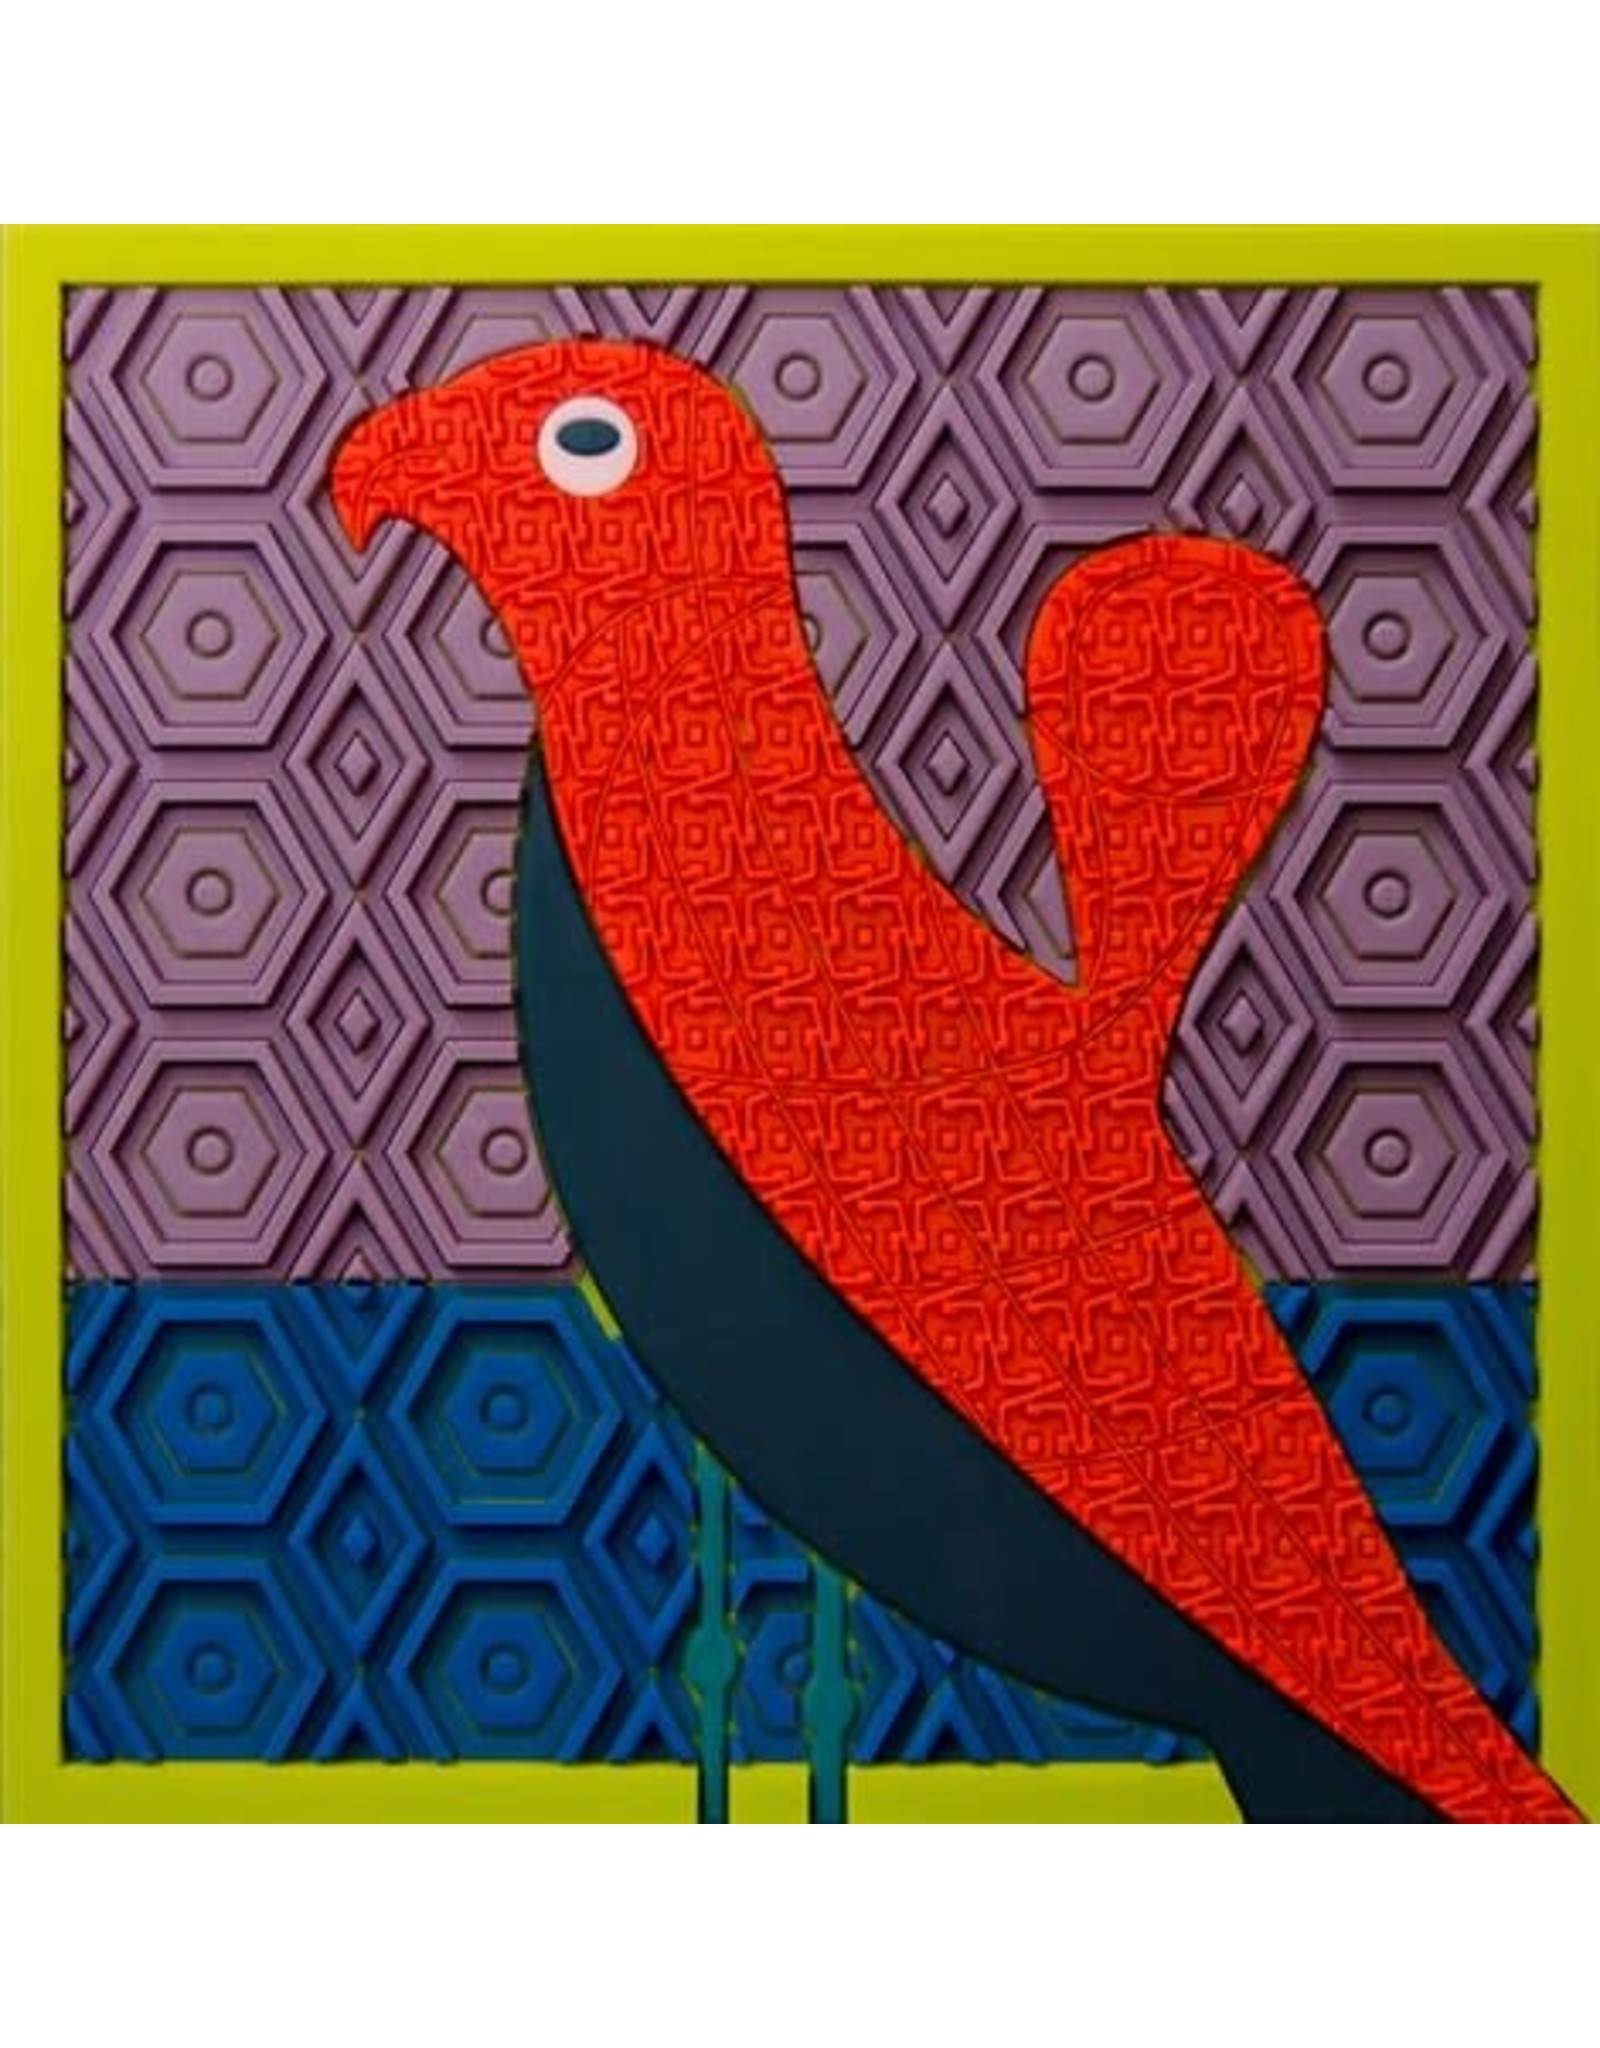 Image 'd Orient Pannenonderzetter Birds of Paradise